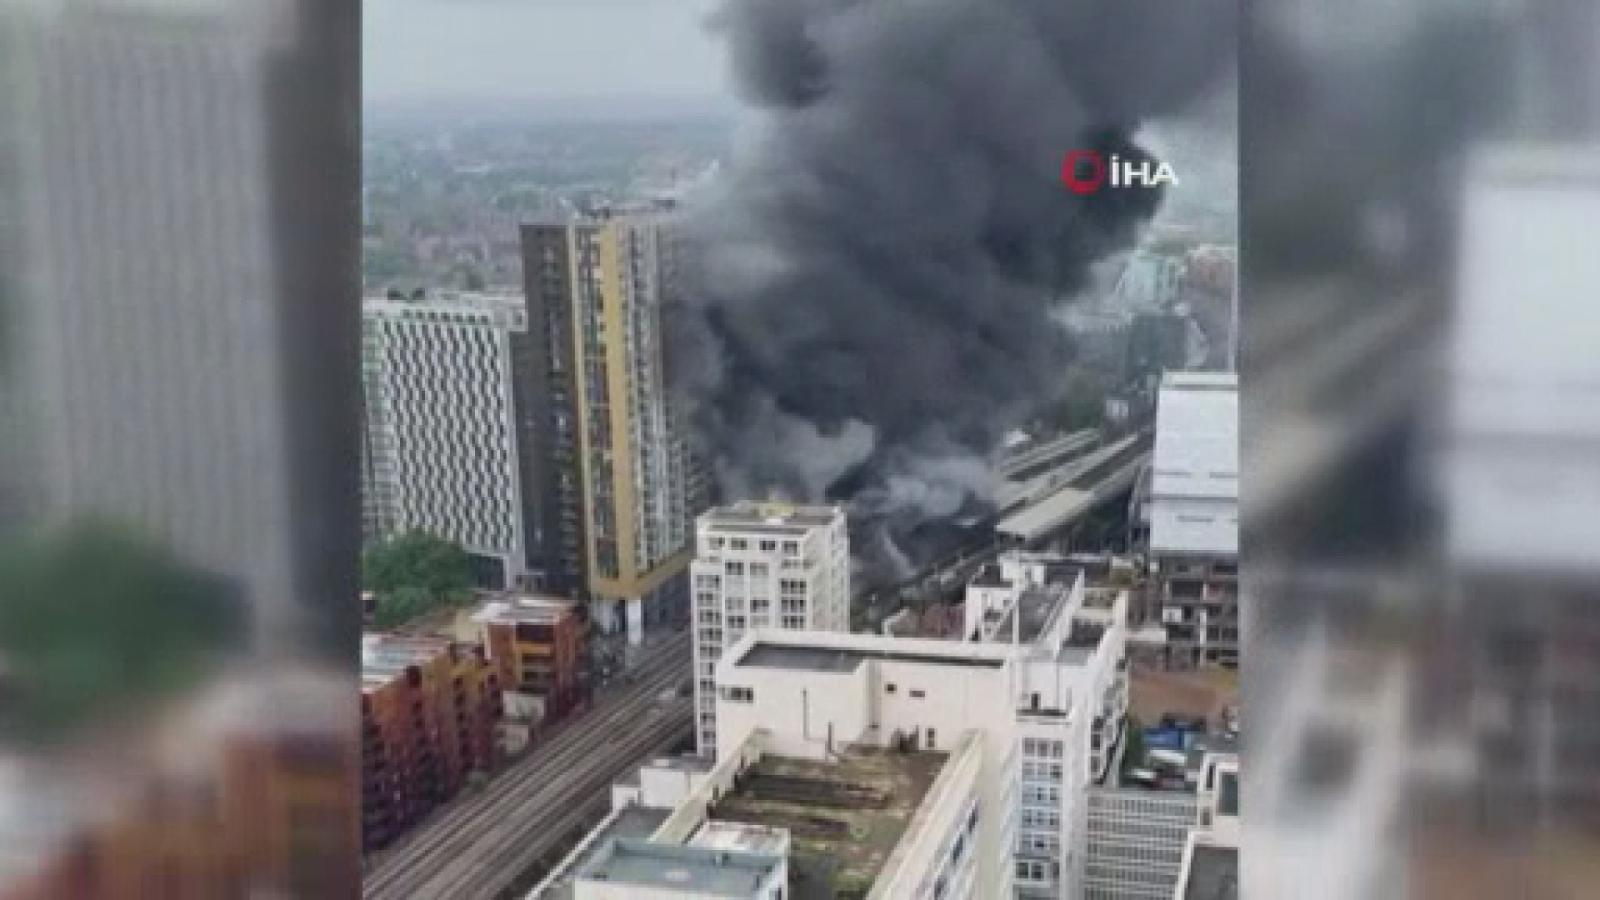 Londra'da tren istasyonunda korkutan yangın